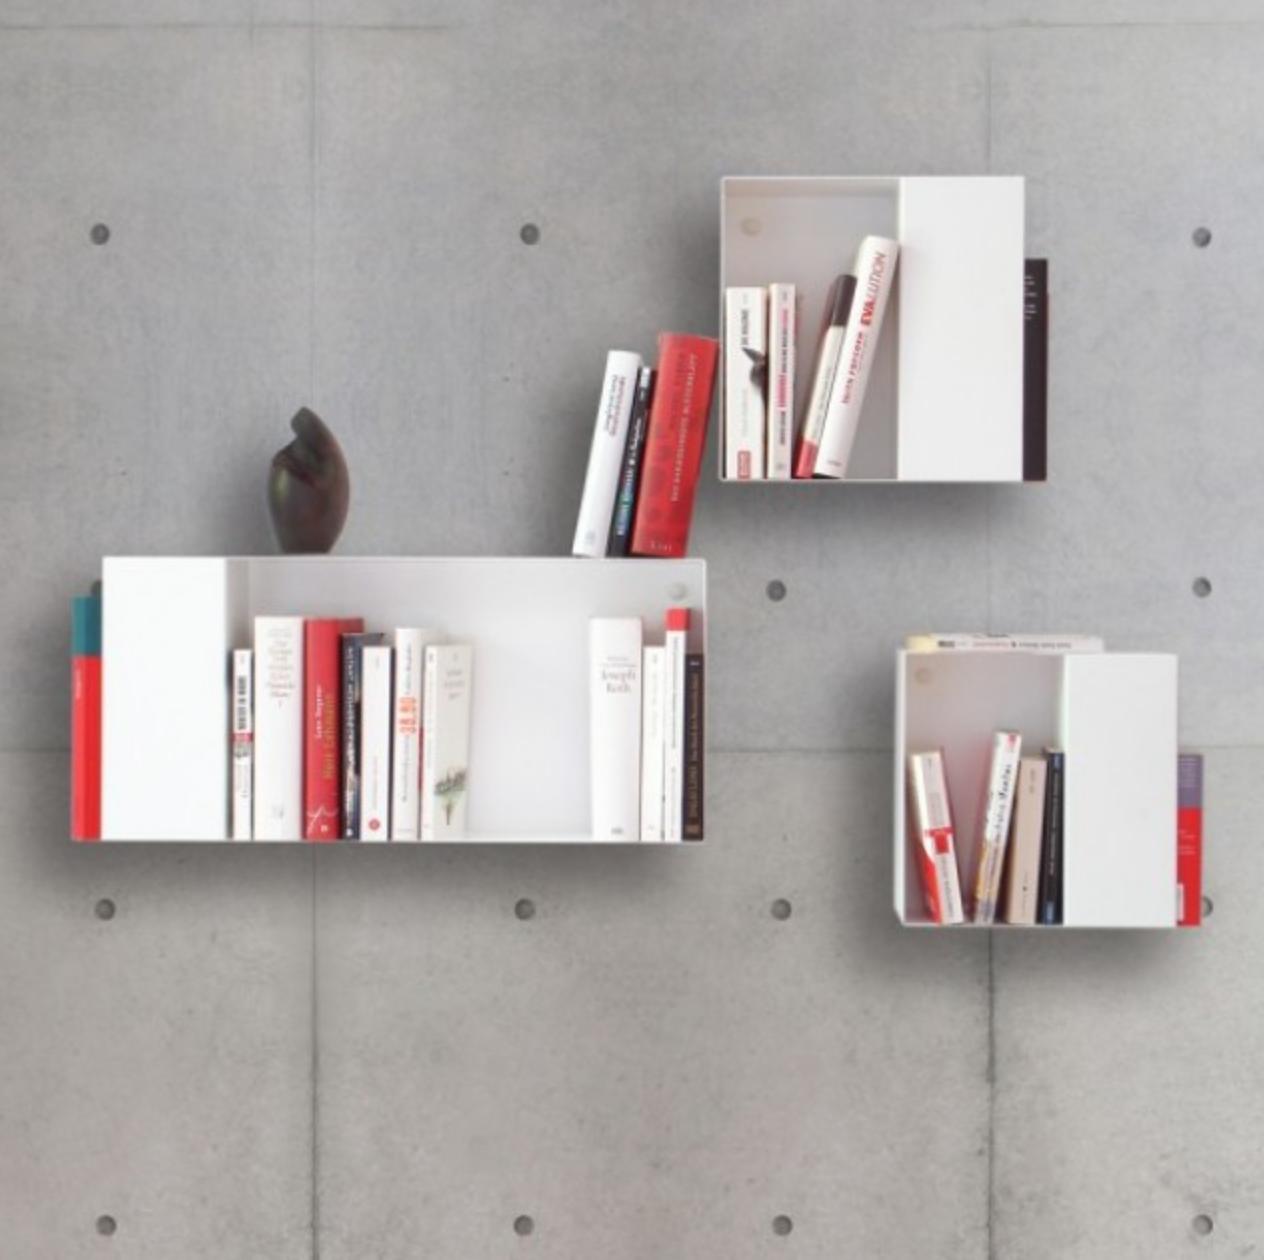 vonbox BOX Bücherregal